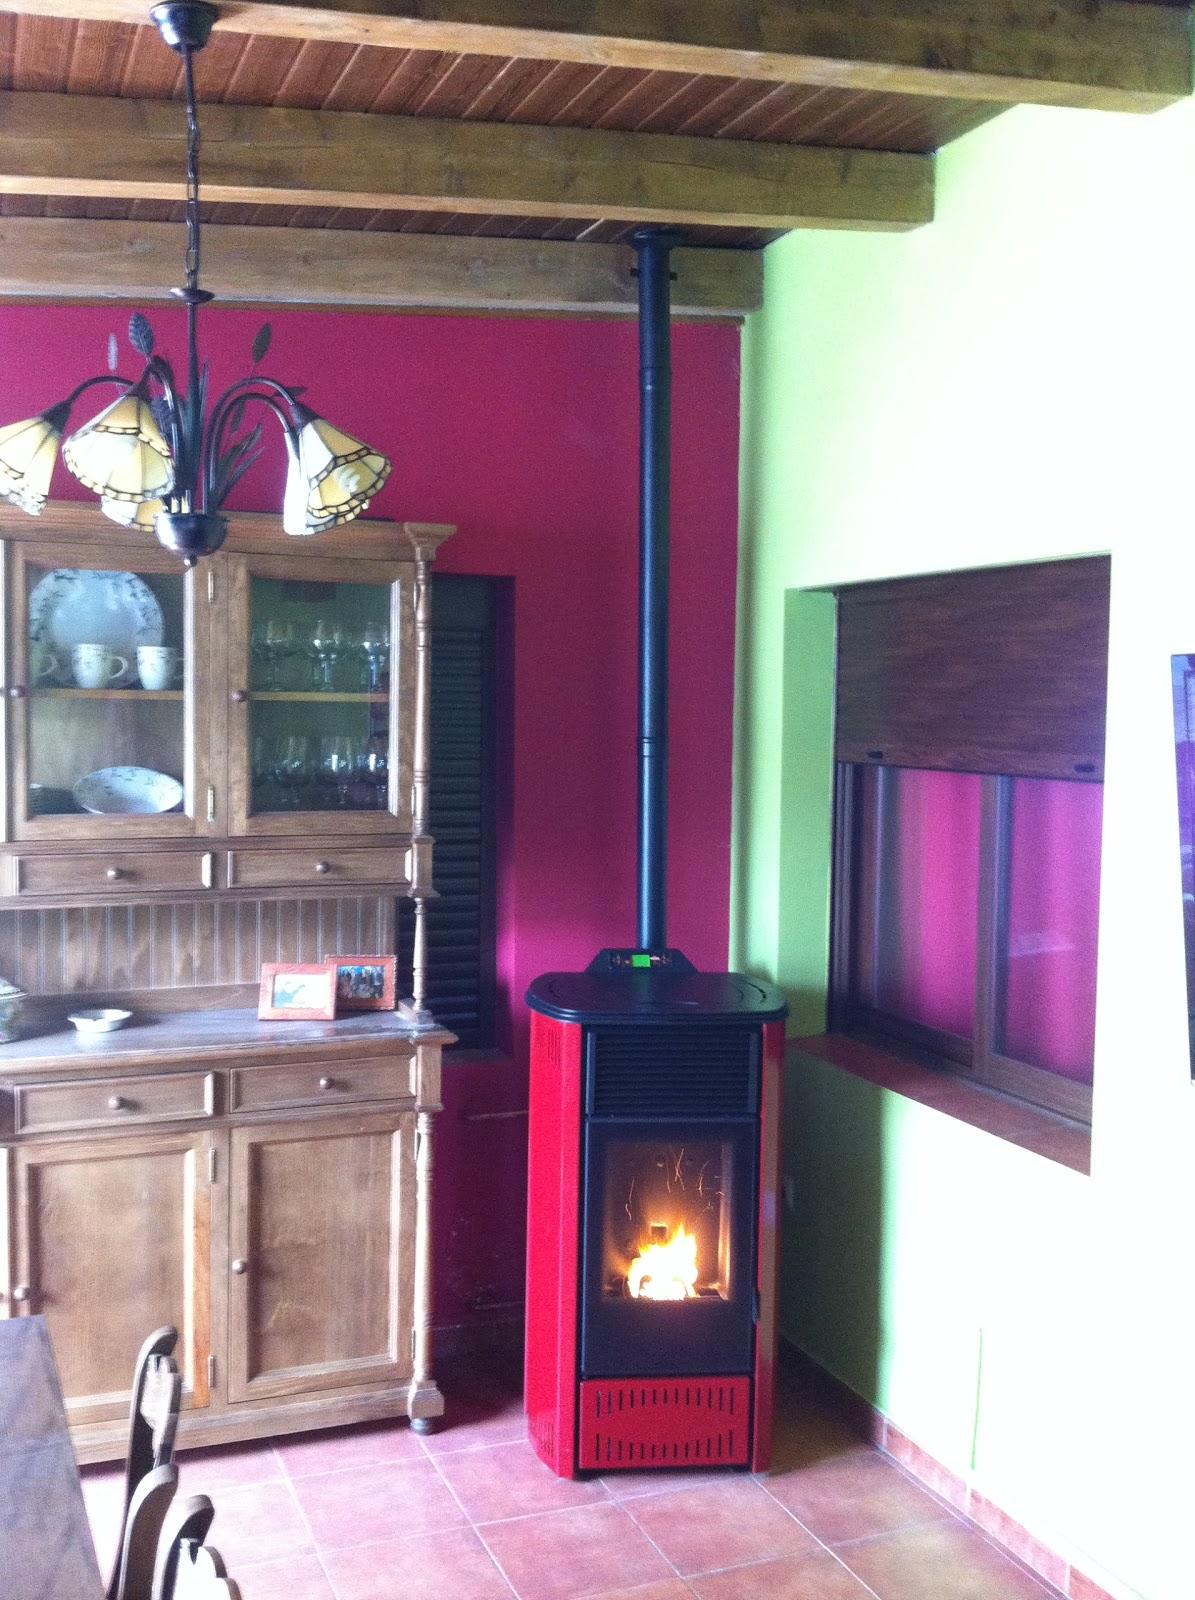 Instaladores de estufas de biomasa ejemplos de - Estufas de biomasa ...